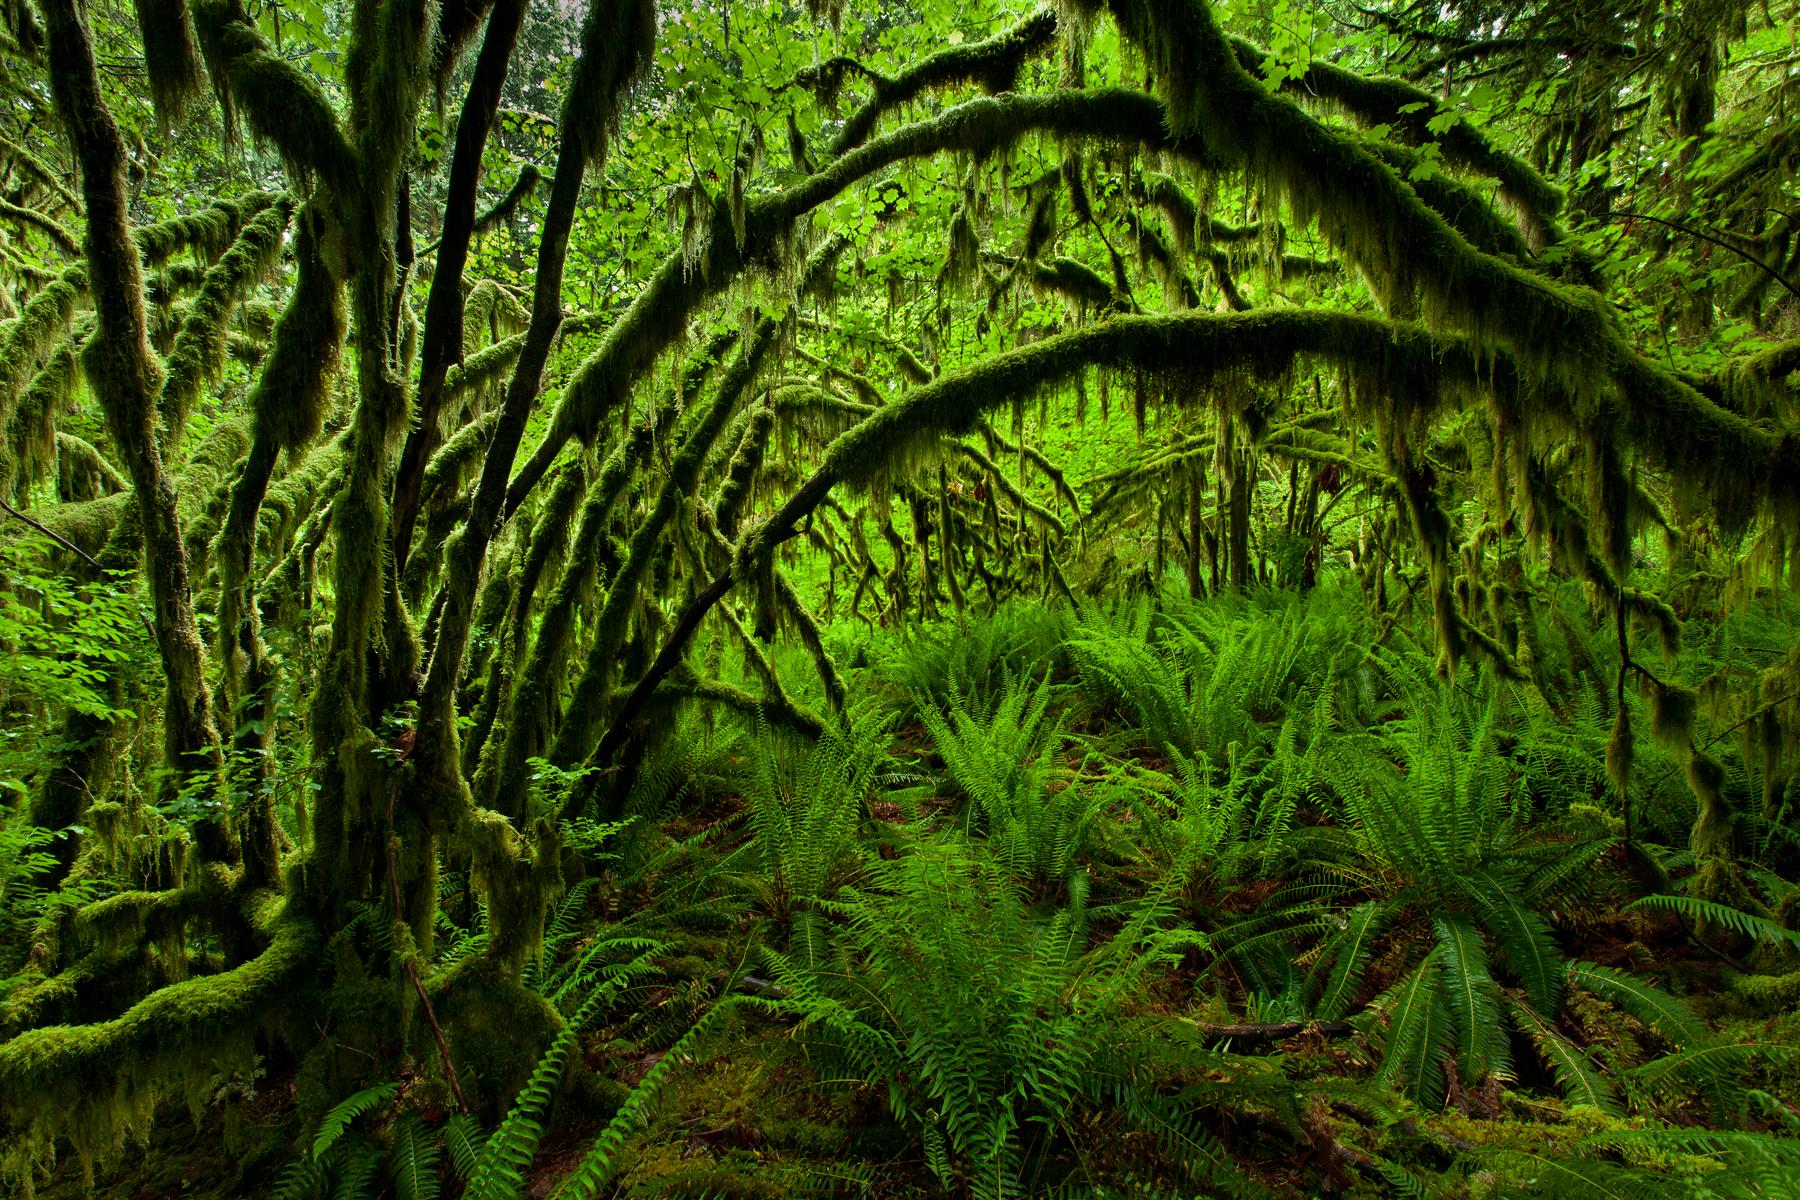 Vine Maples and Sword Ferns in Maple Ridge, B.C, Canada.  Image ©Connor Stefanison